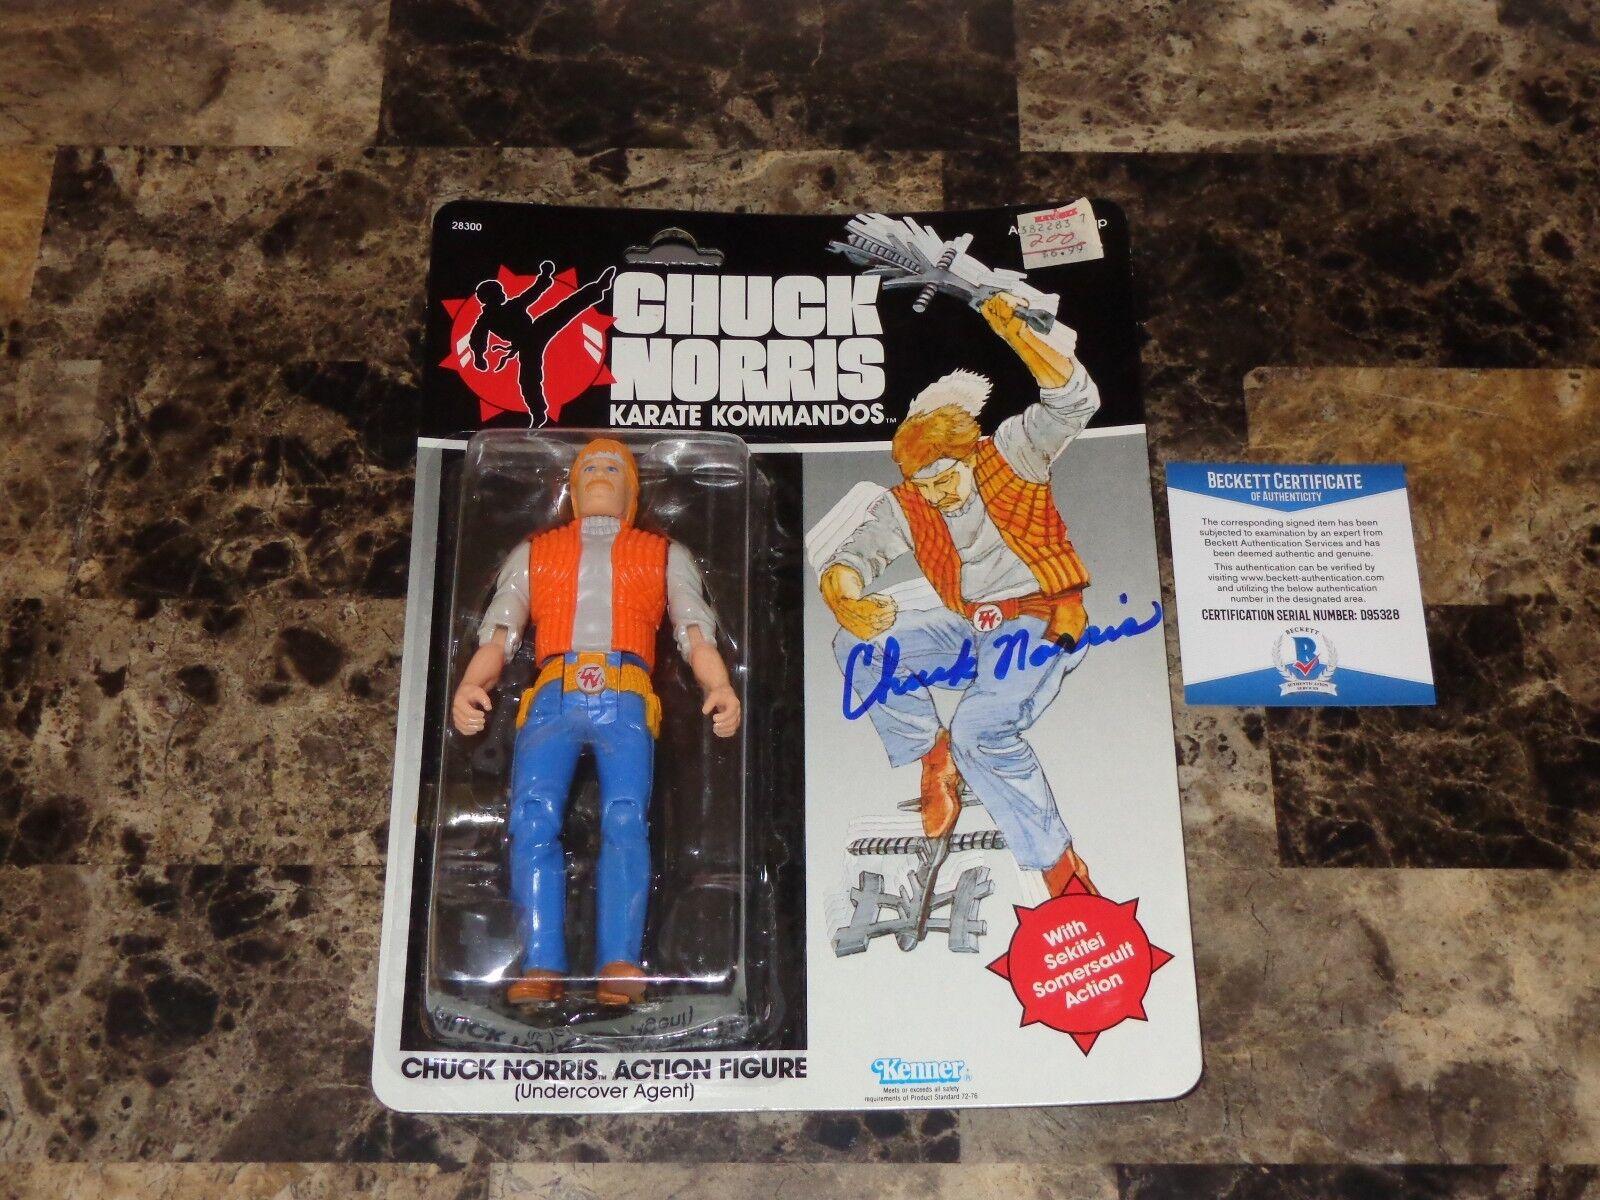 Chuck Norris Rareza Firmado Autografiado Kenner Estatua Figura De Acción De Juguete 2018  certificado De Autenticidad